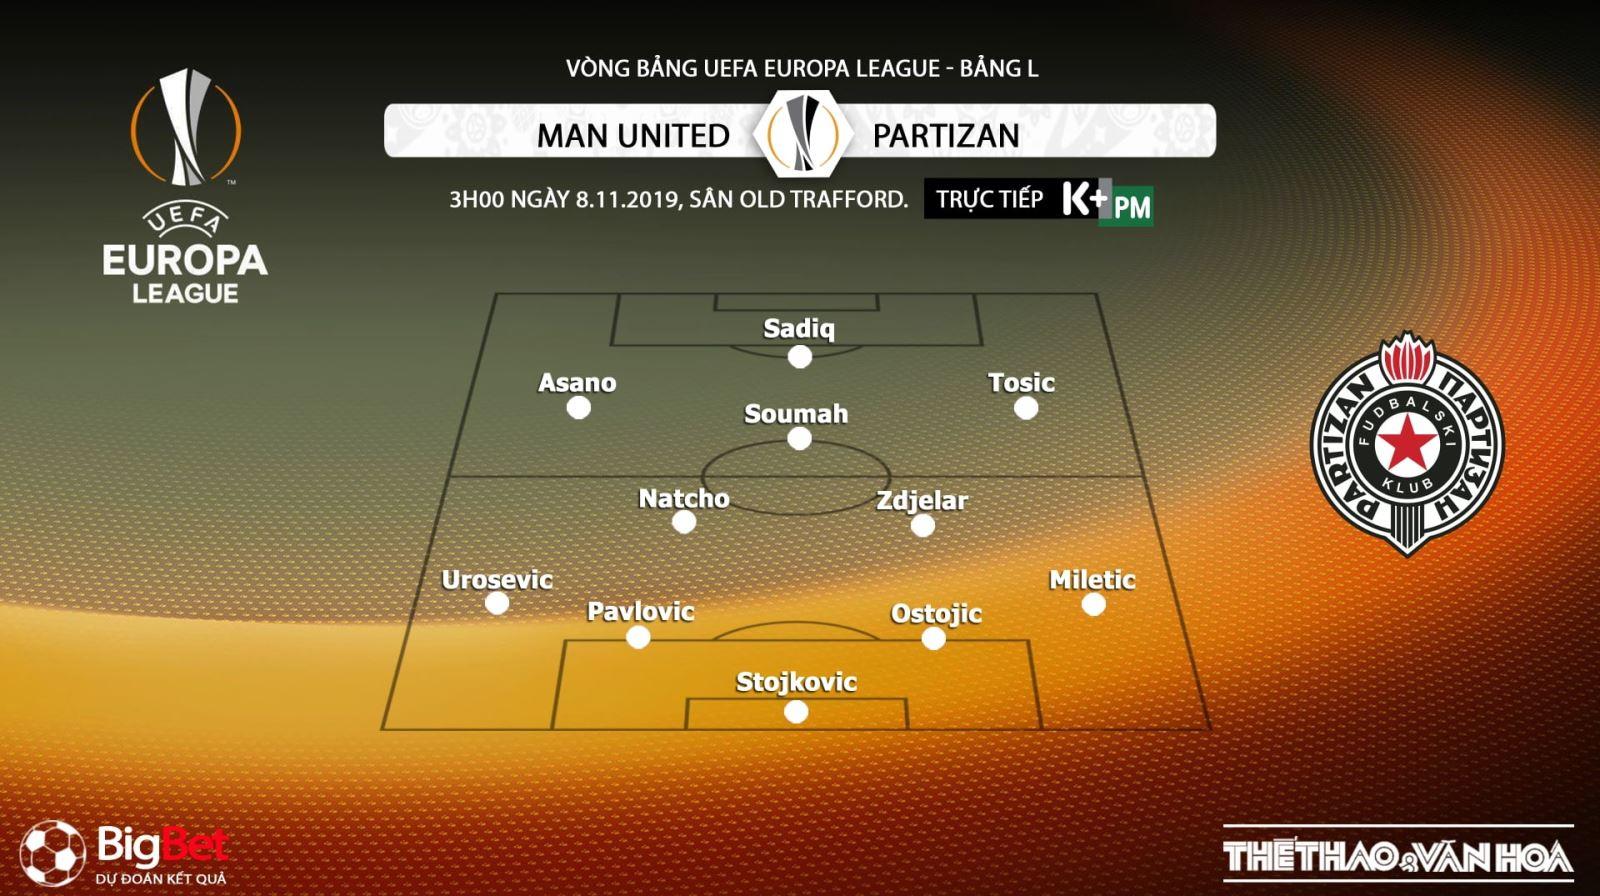 keo bong da, MU đấu với Partizan, kèo MU, truc tiep bong da hom nay, K+, K+PM, trực tiếp bóng đá, MU vs Partizan, xem bong da truc tiep, xem bóng đá trực tuyến